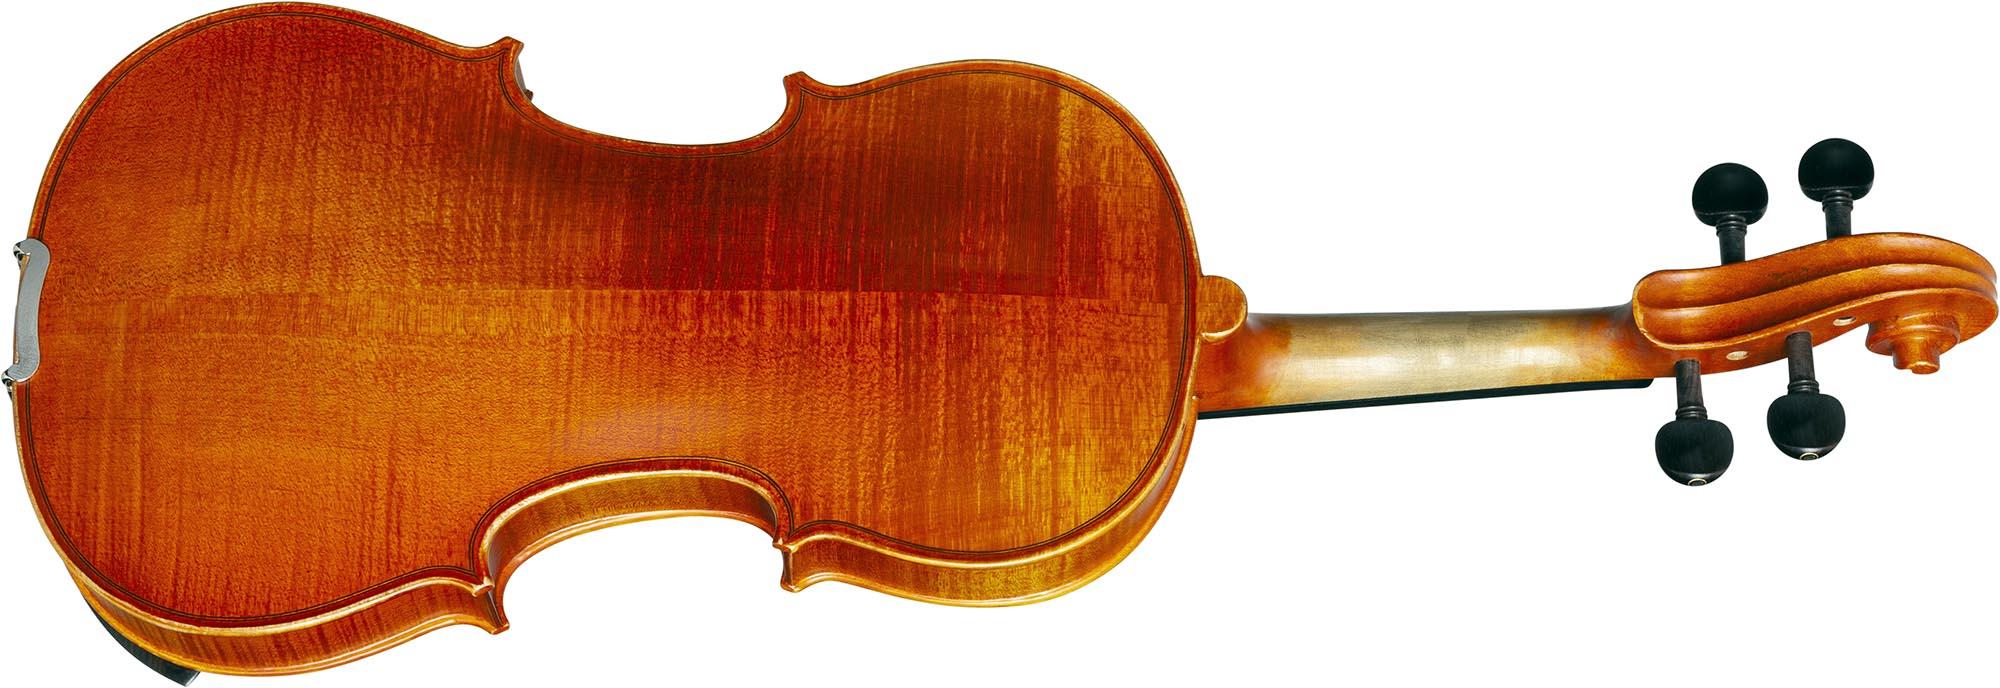 ve245 violino eagle ve245 visao posterior